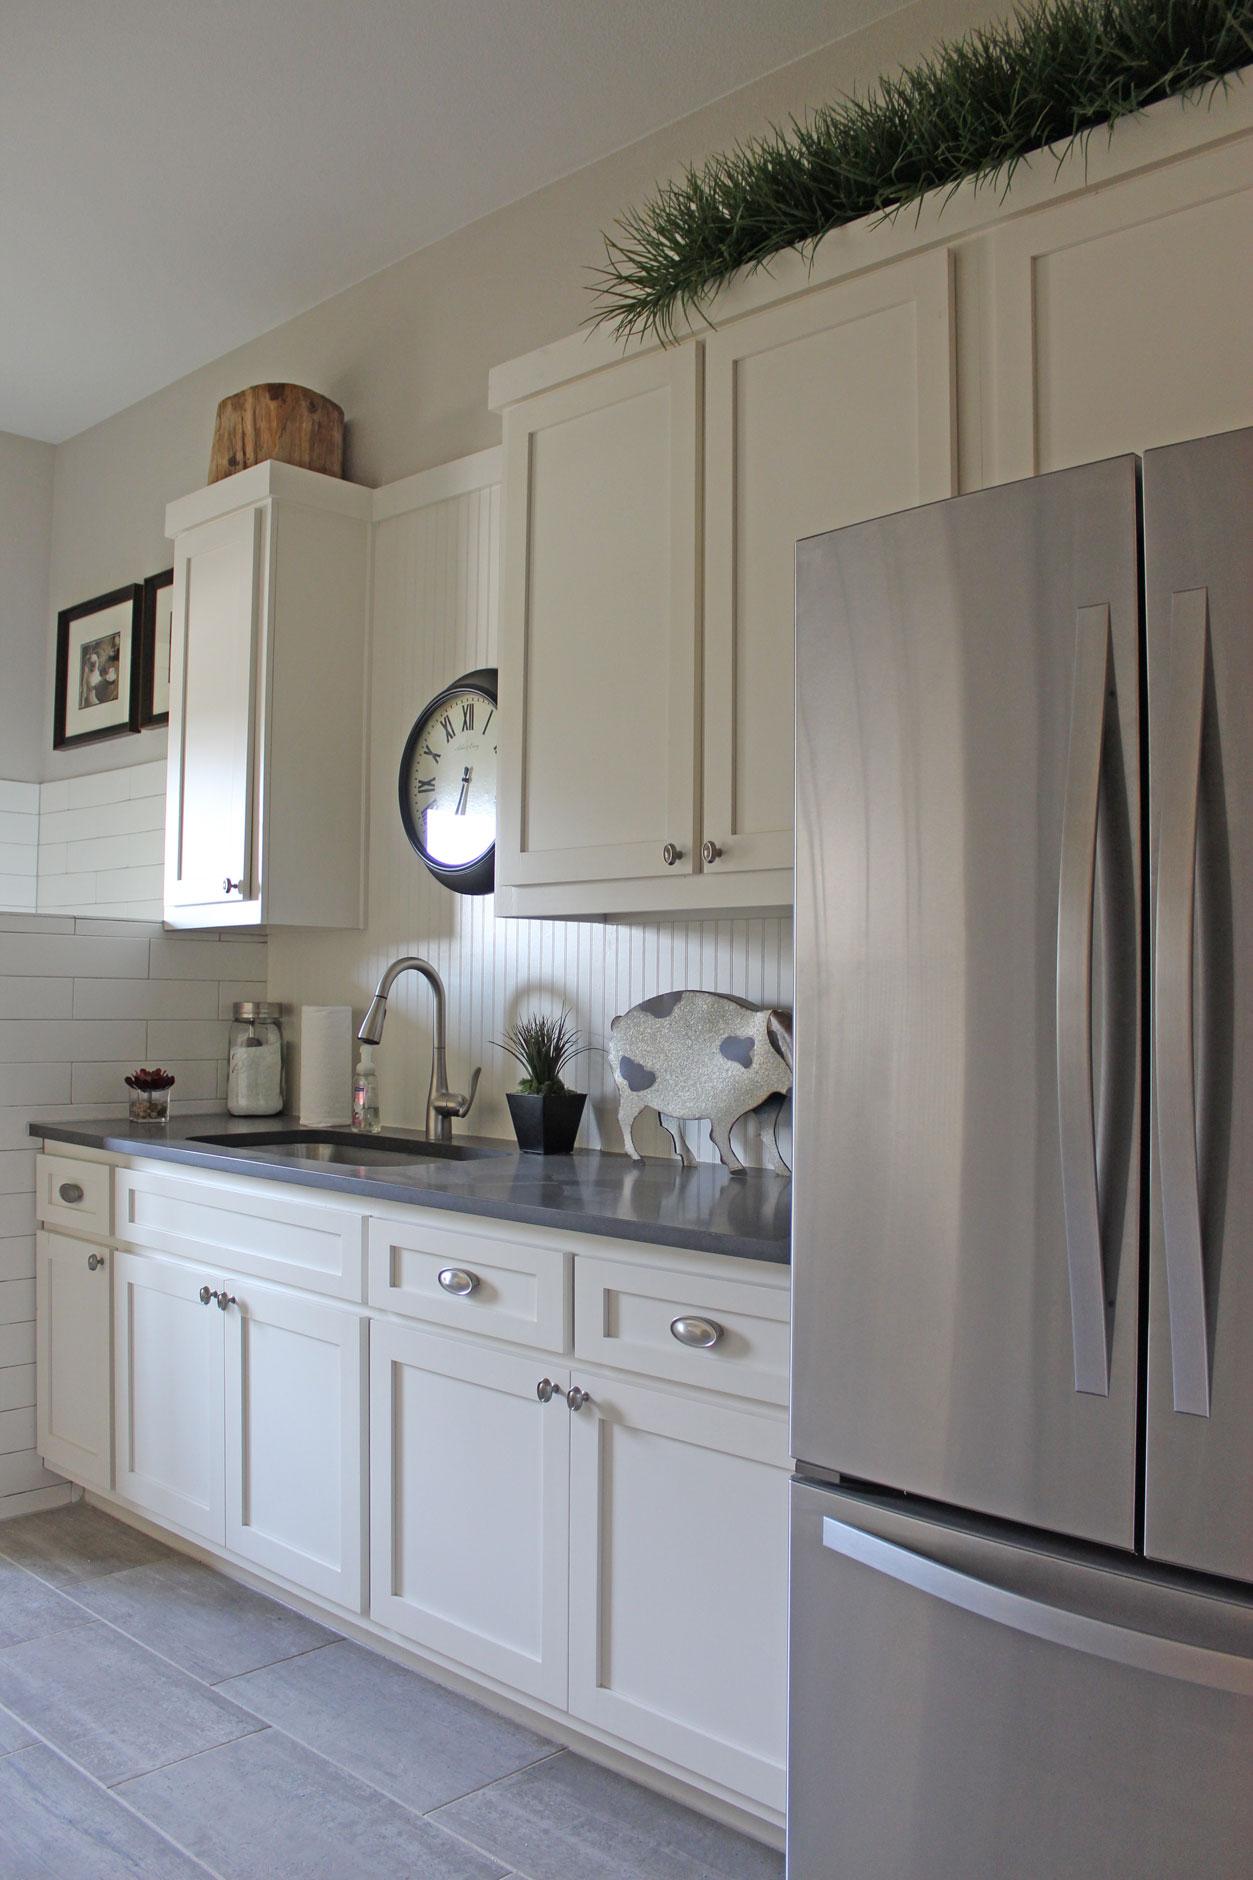 Laundry Room With White Beadboard Backsplash